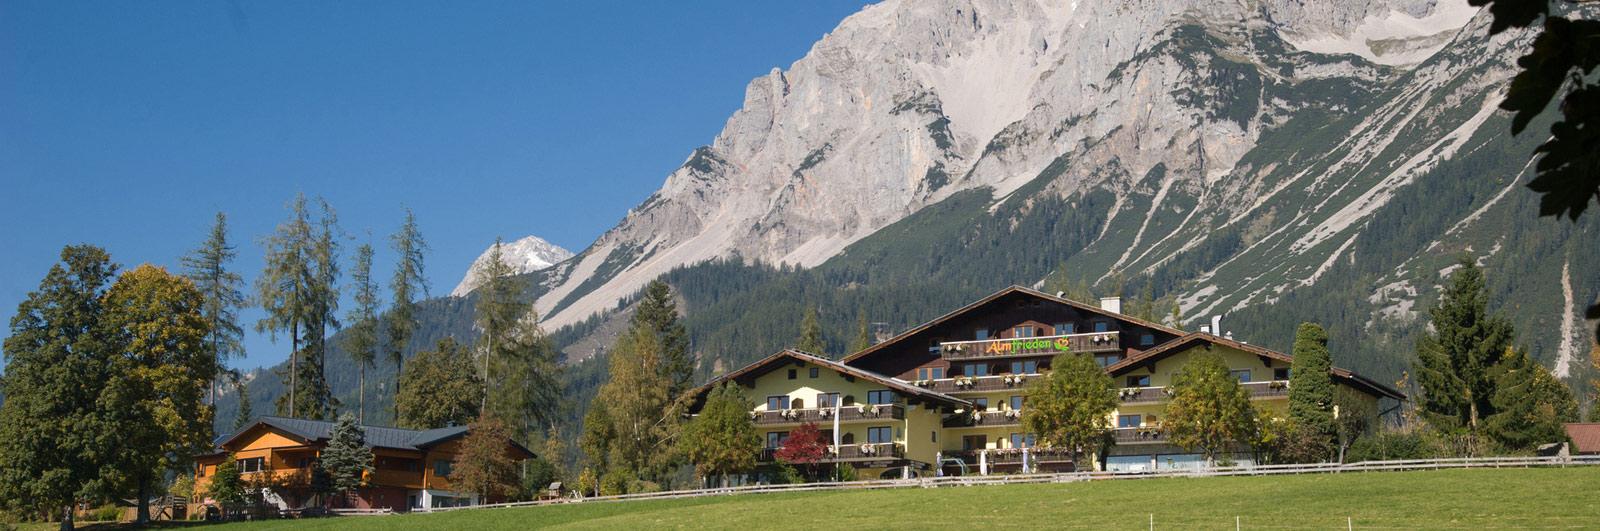 Bewertung Hotel Almfrieden Ramsau